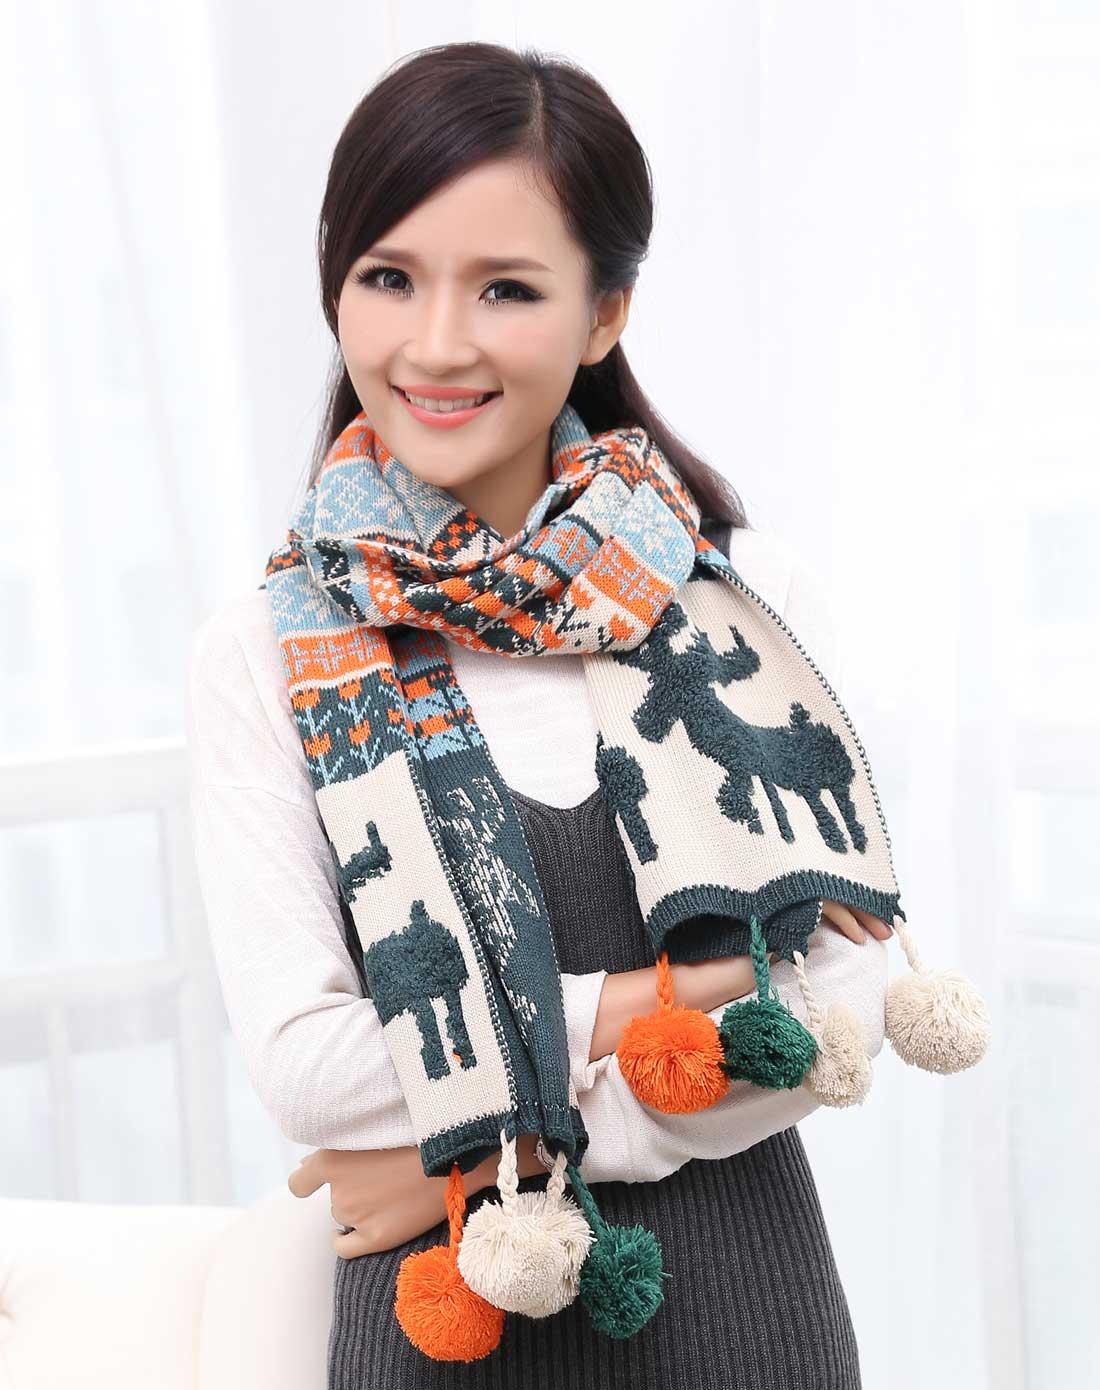 zhou围巾专场女米色搭配果绿小鹿围巾yx0651